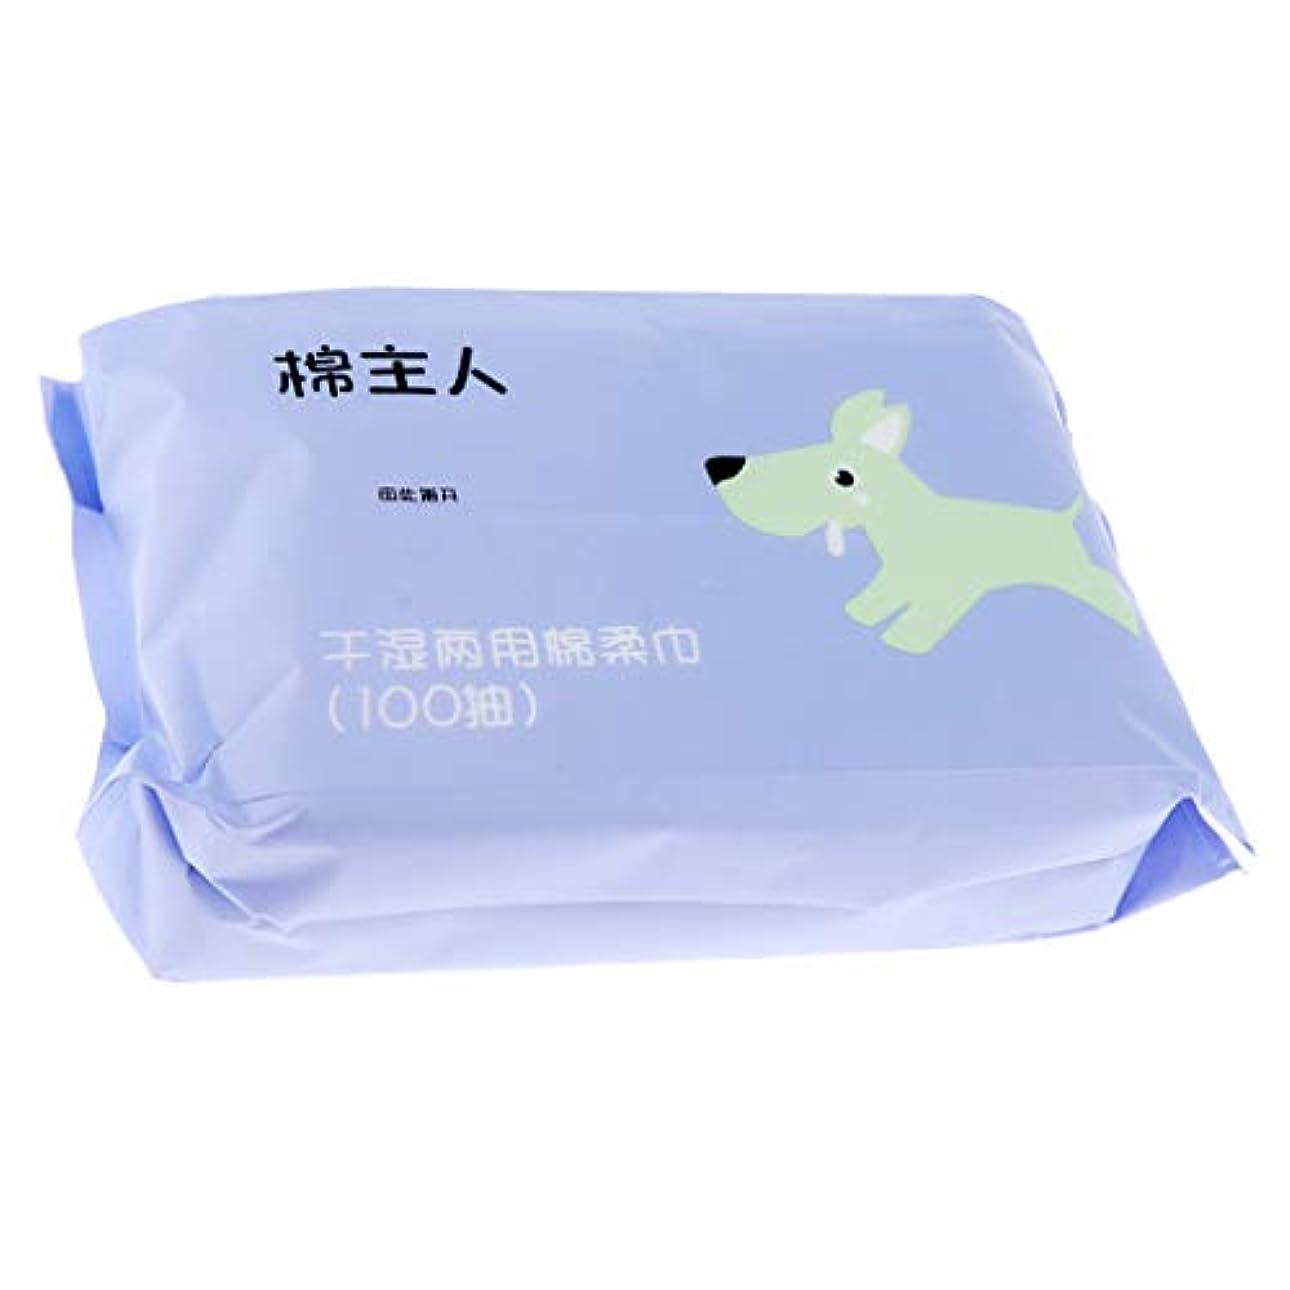 ピーク精巧な一定Perfeclan 約100枚 クレンジングシート フェイス クリーニング タオル メイク落とし 清潔 衛生 非刺激 - 青紫